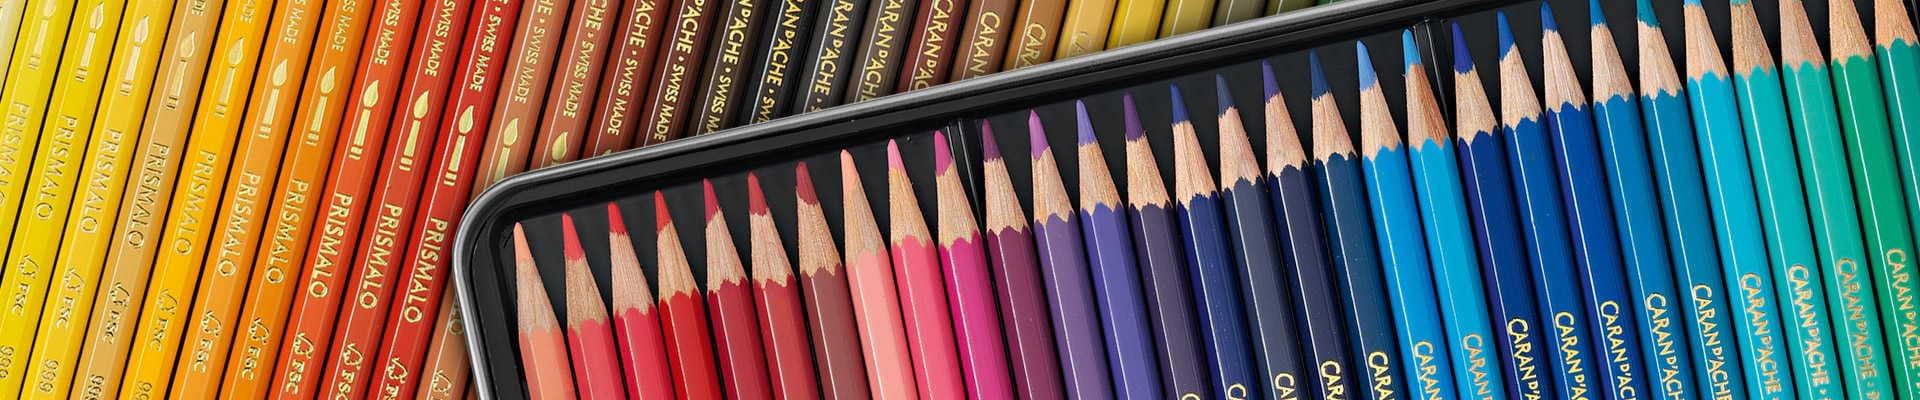 Prismalo Ikonische Wasservermalbare Farbstifte